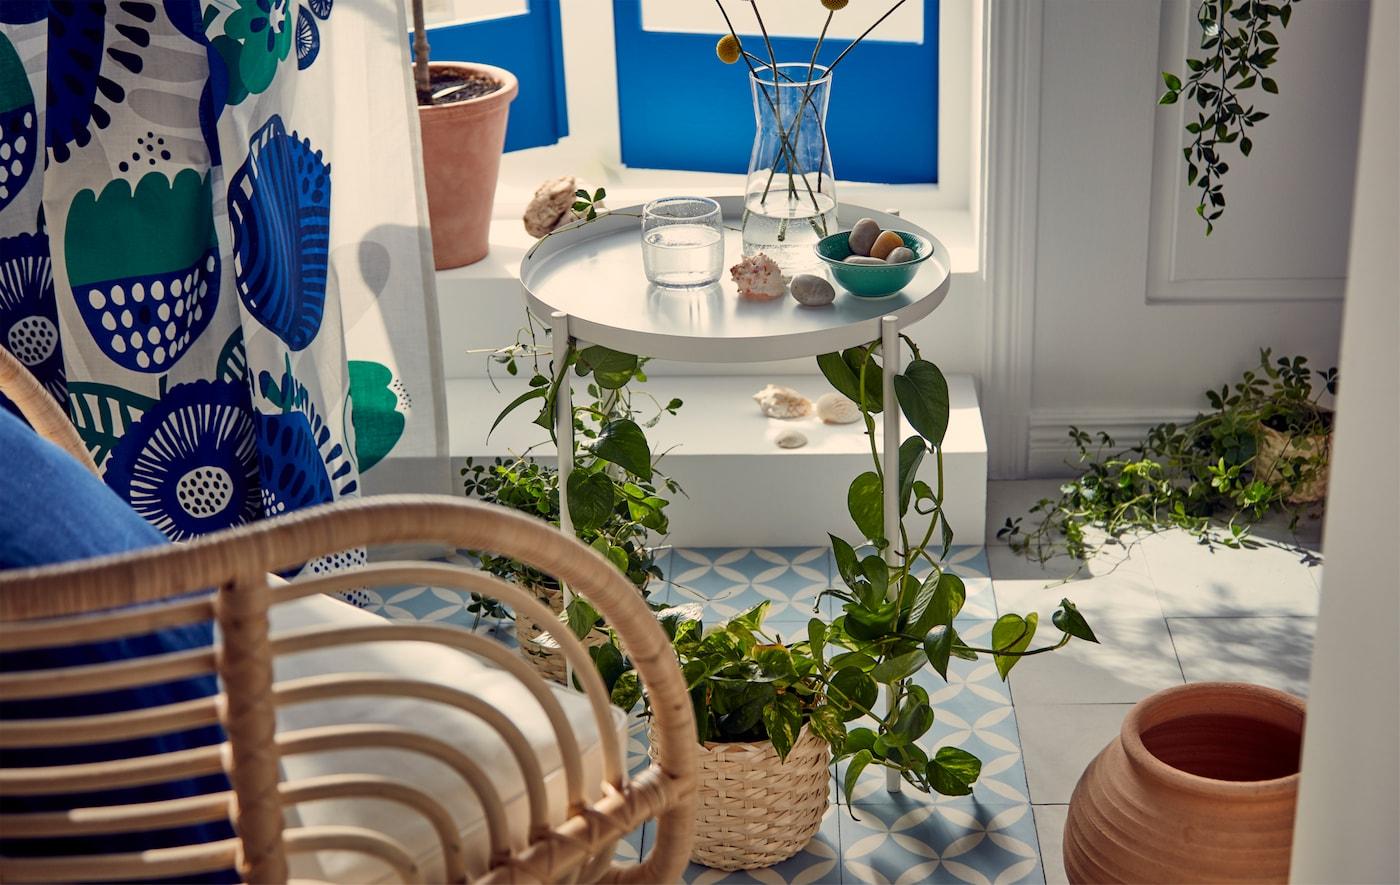 Plave i bele nijanse na osunčanom mestu ispred francuskih balkonskih prozora. Fotelja od pruća pored poslužavnika-stočića obavijenog biljkama.